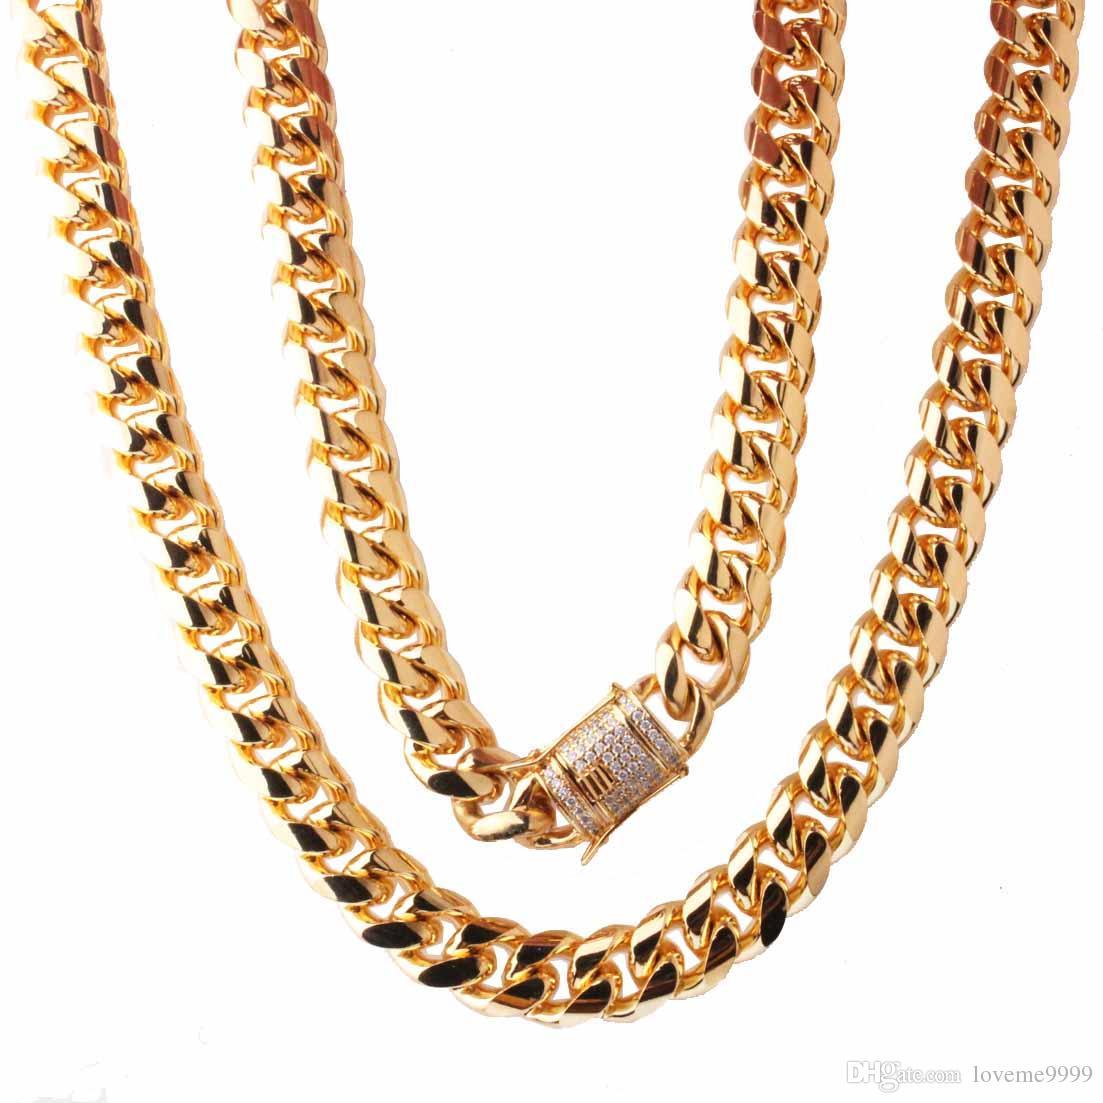 Хип-хоп 14 мм из нержавеющей стали Снаряженная кубинская цепь ожерелье мальчиков мужская мода цепи Дракон Белый Cz Застежка ссылка ювелирные изделия